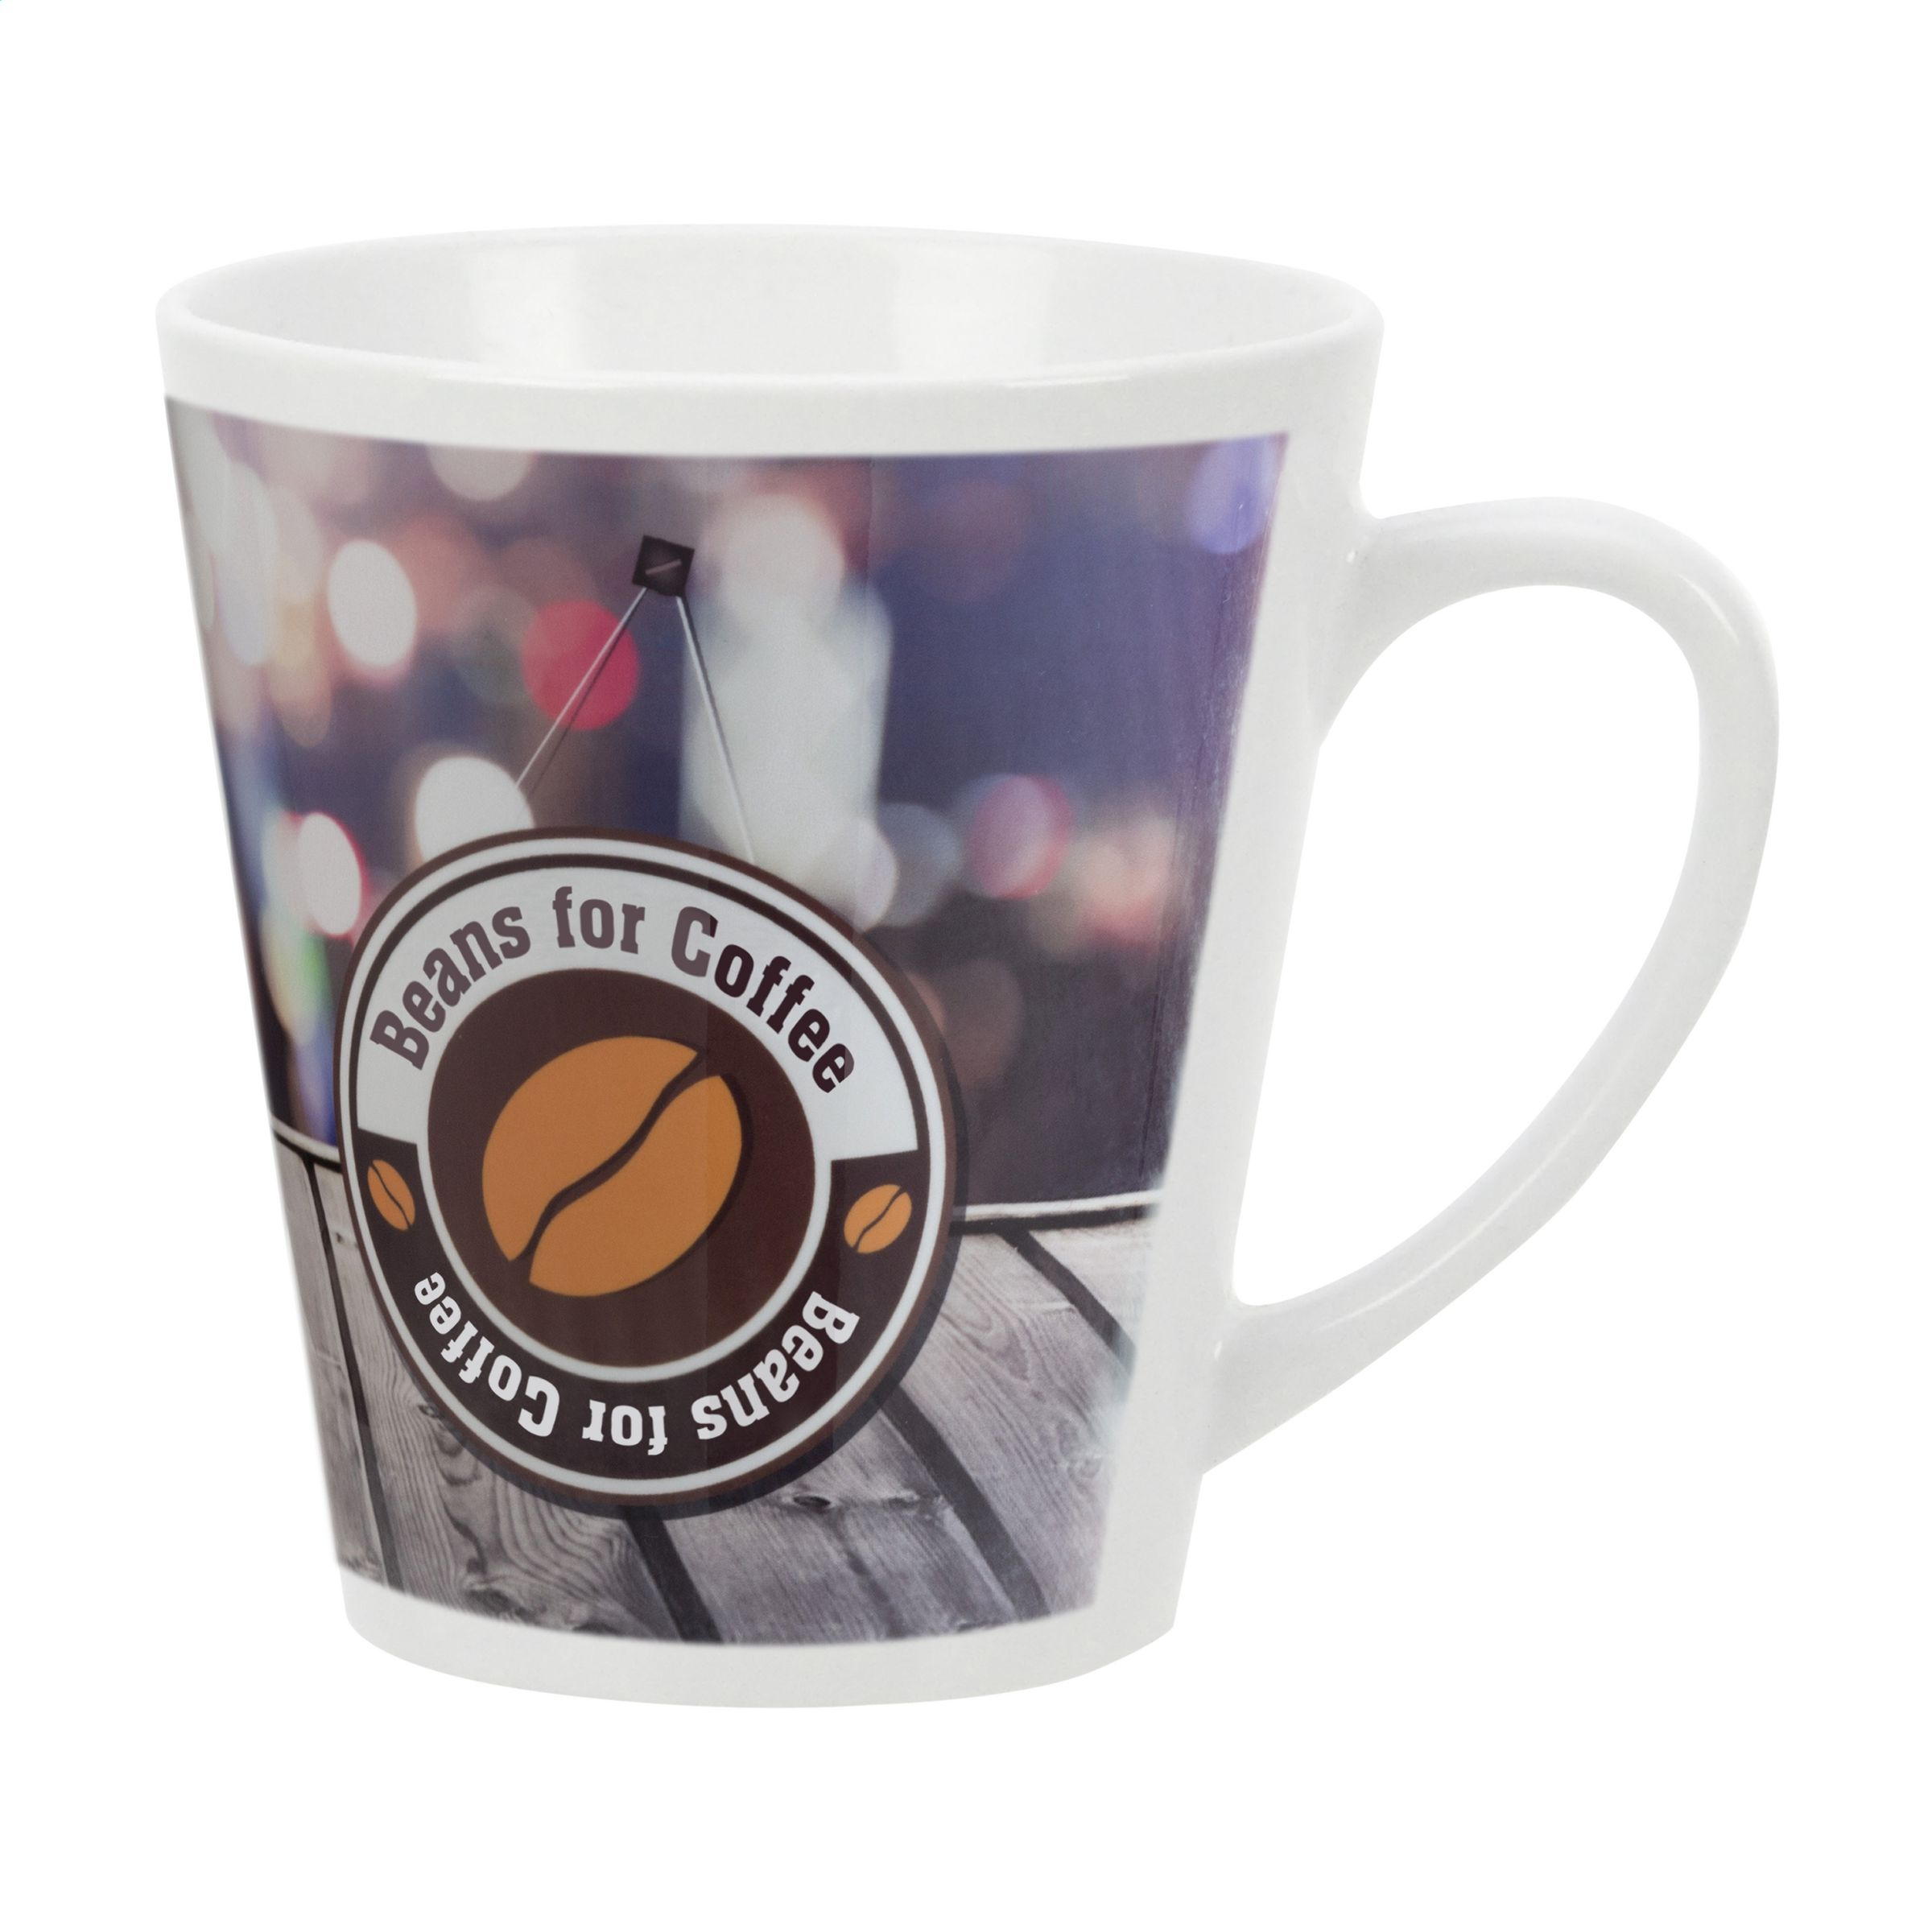 impresión de FullColourMug Imagine mug